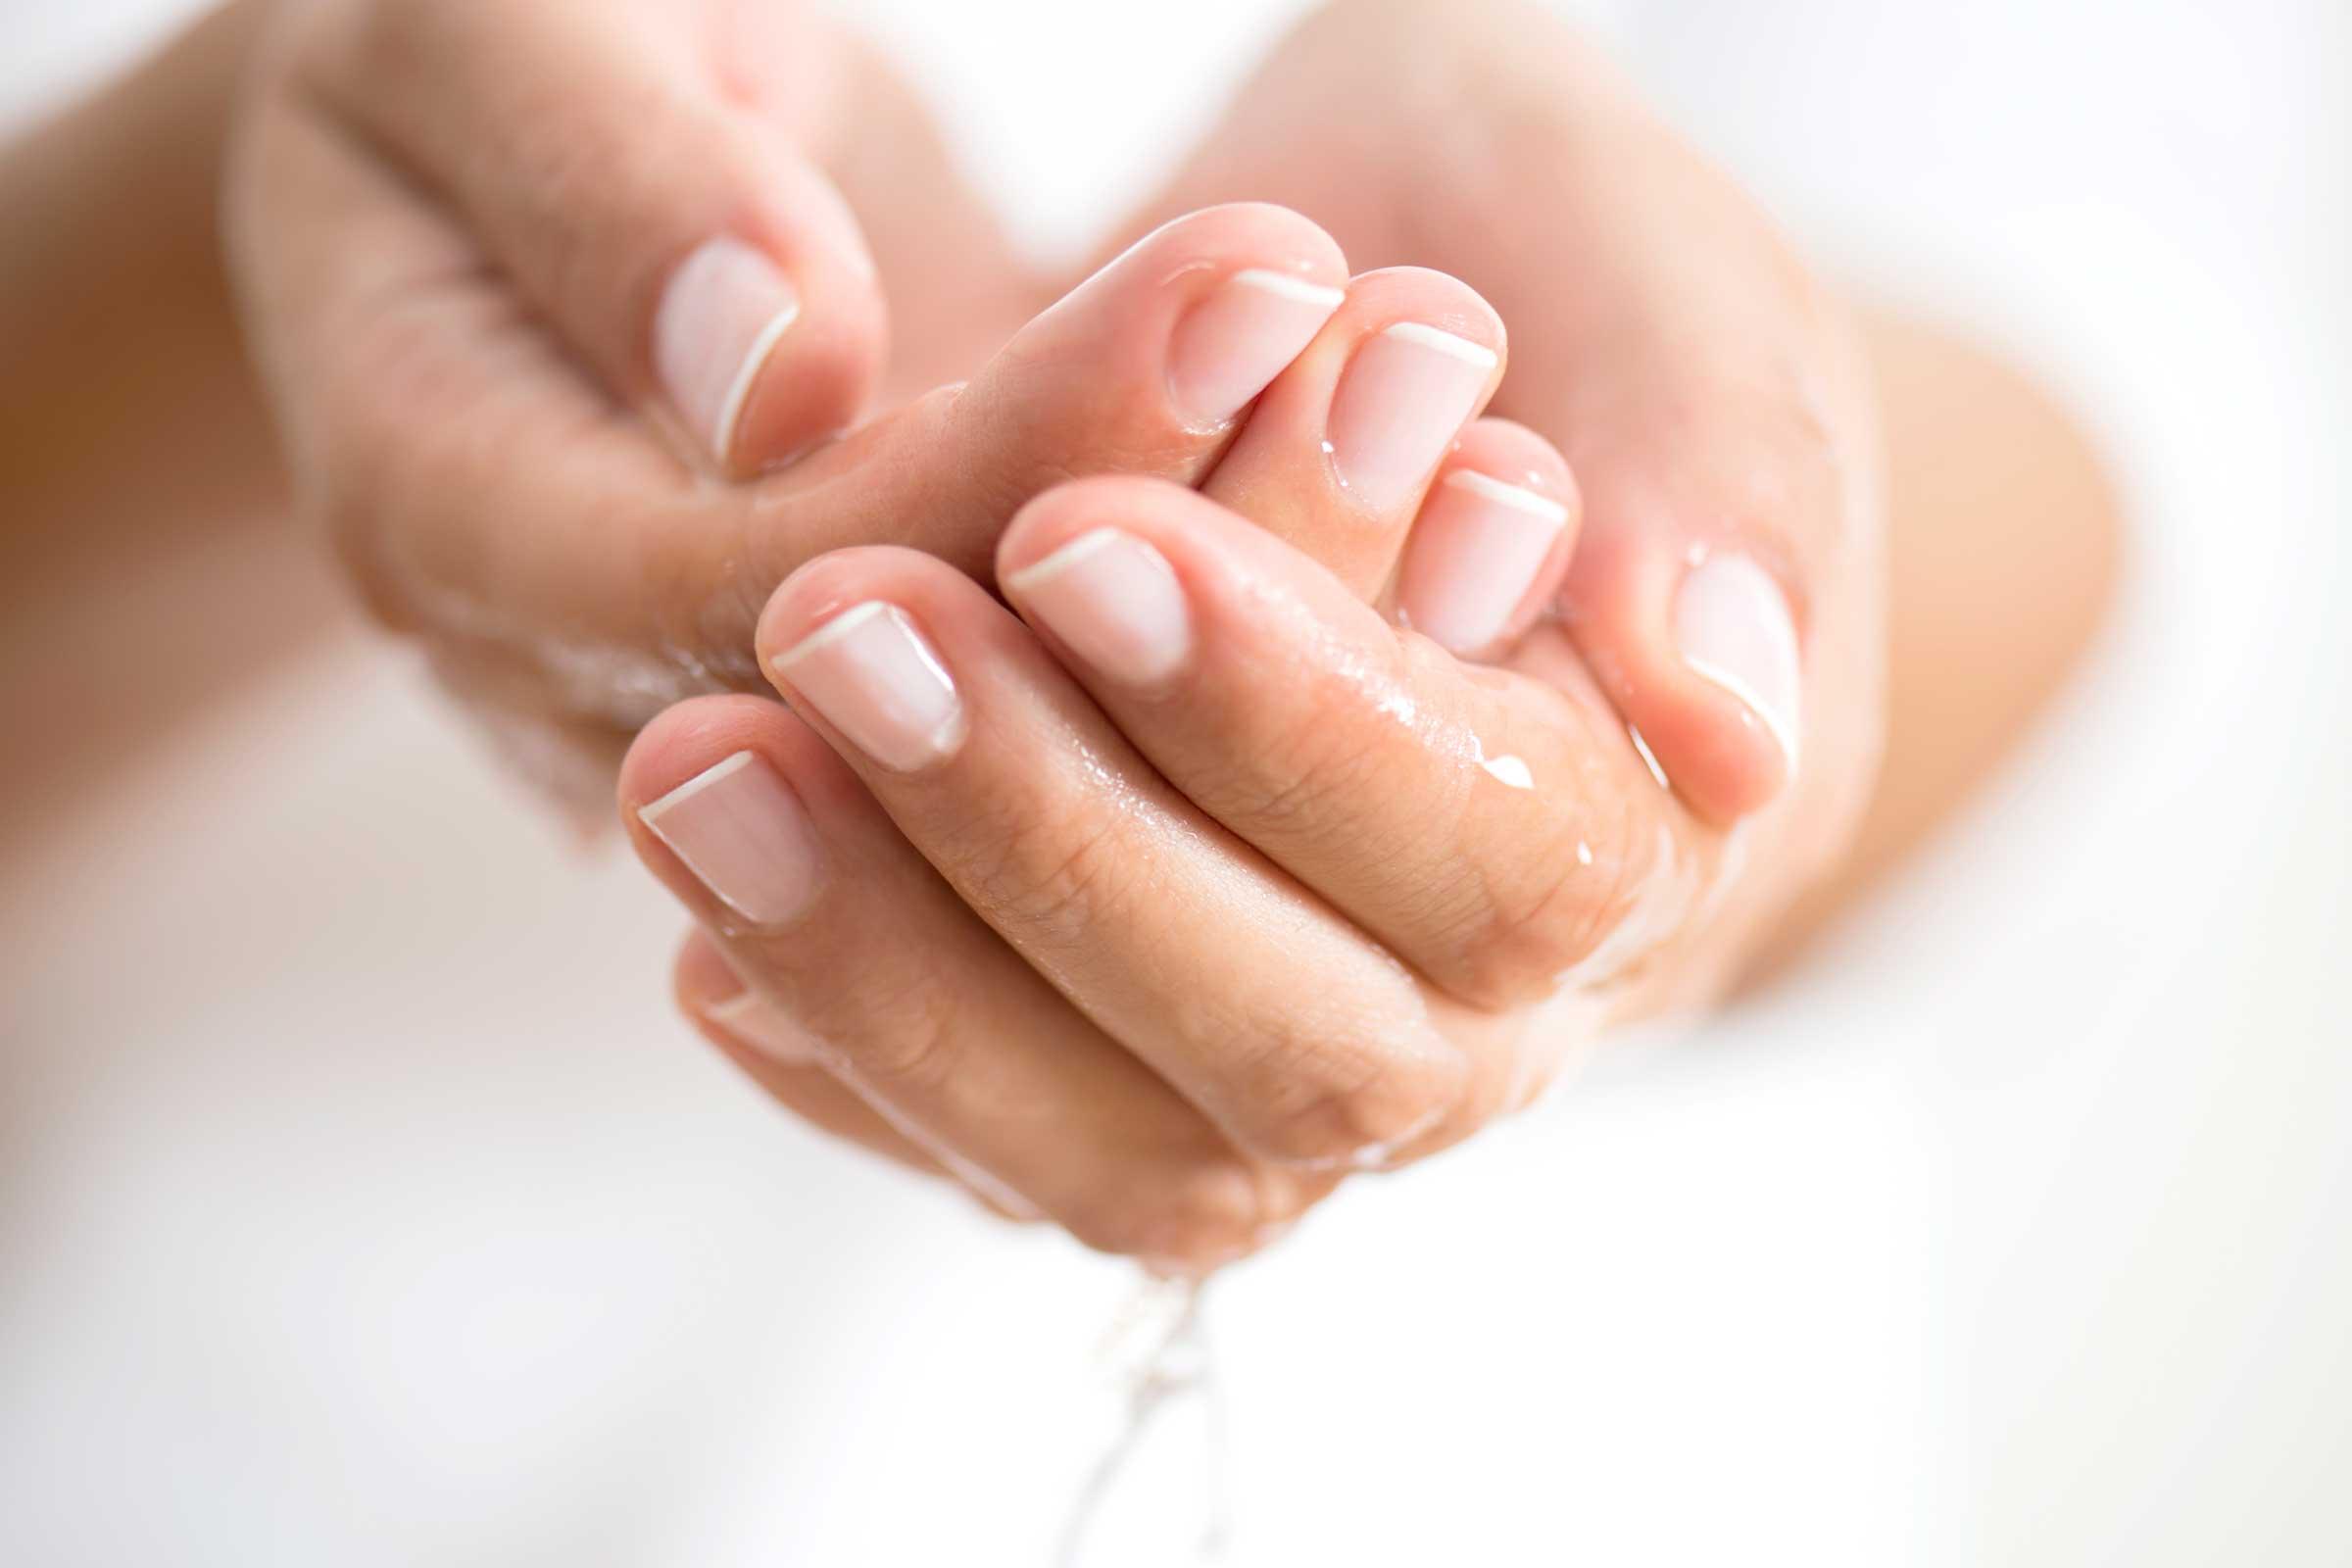 dry hands corona virus quarantine